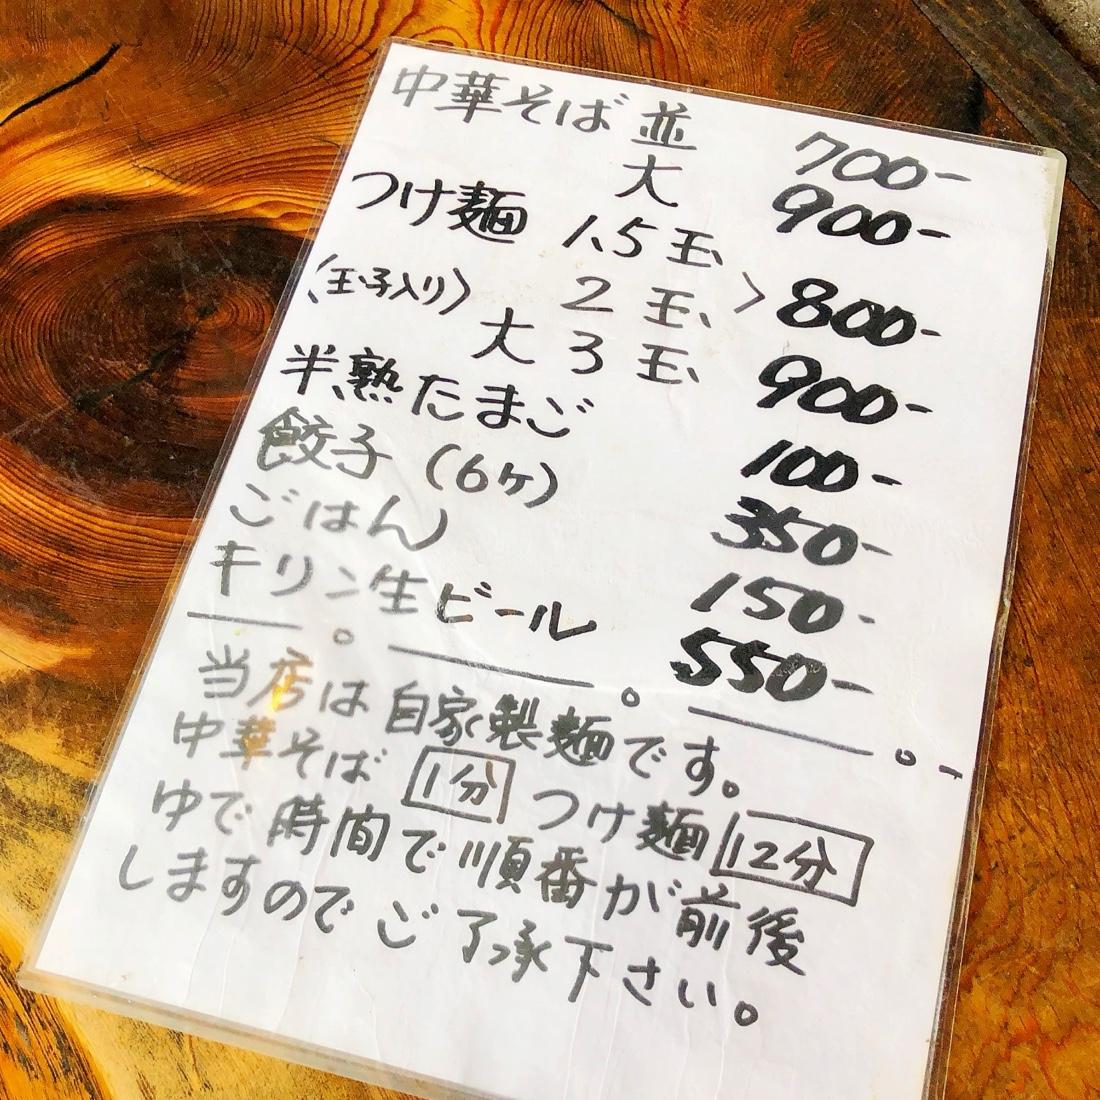 高山ラーメン豆天狗のメニュー